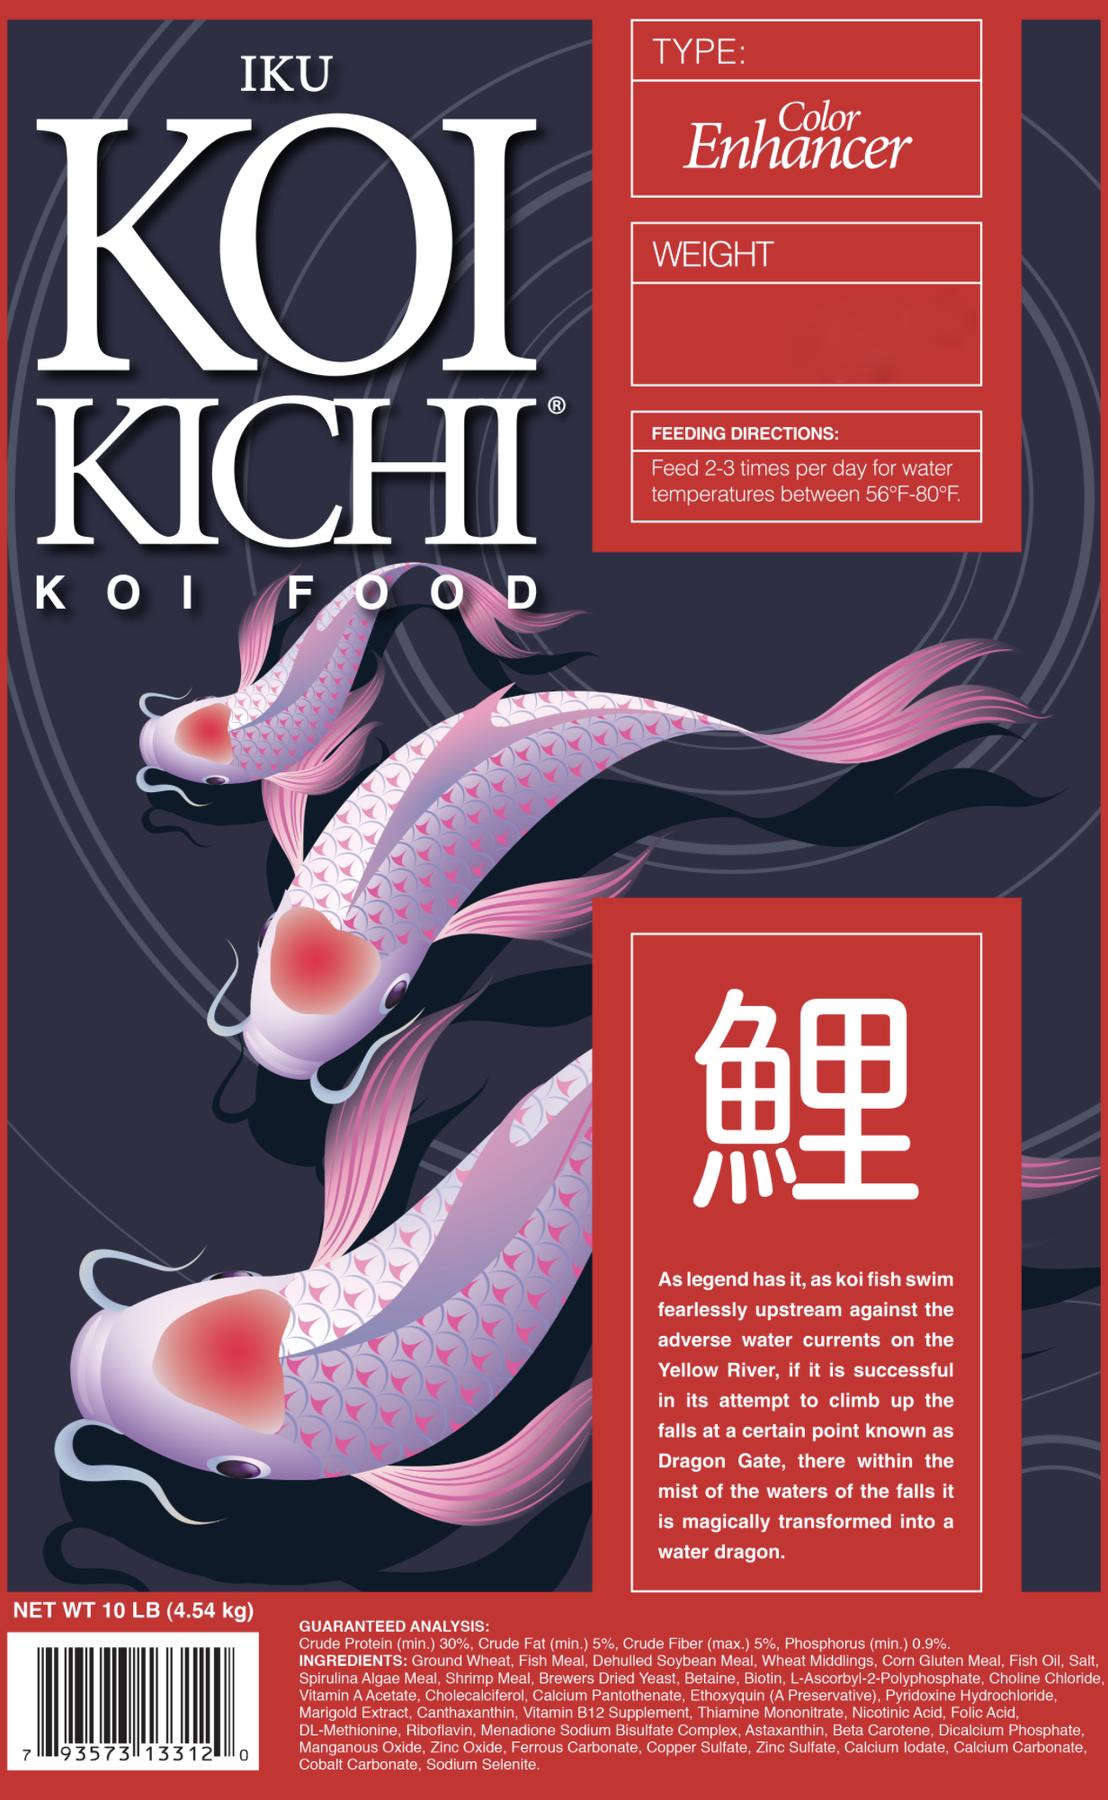 Iku Koi Kichi Color Enhancer Koi Fish Food - 5 lbs.